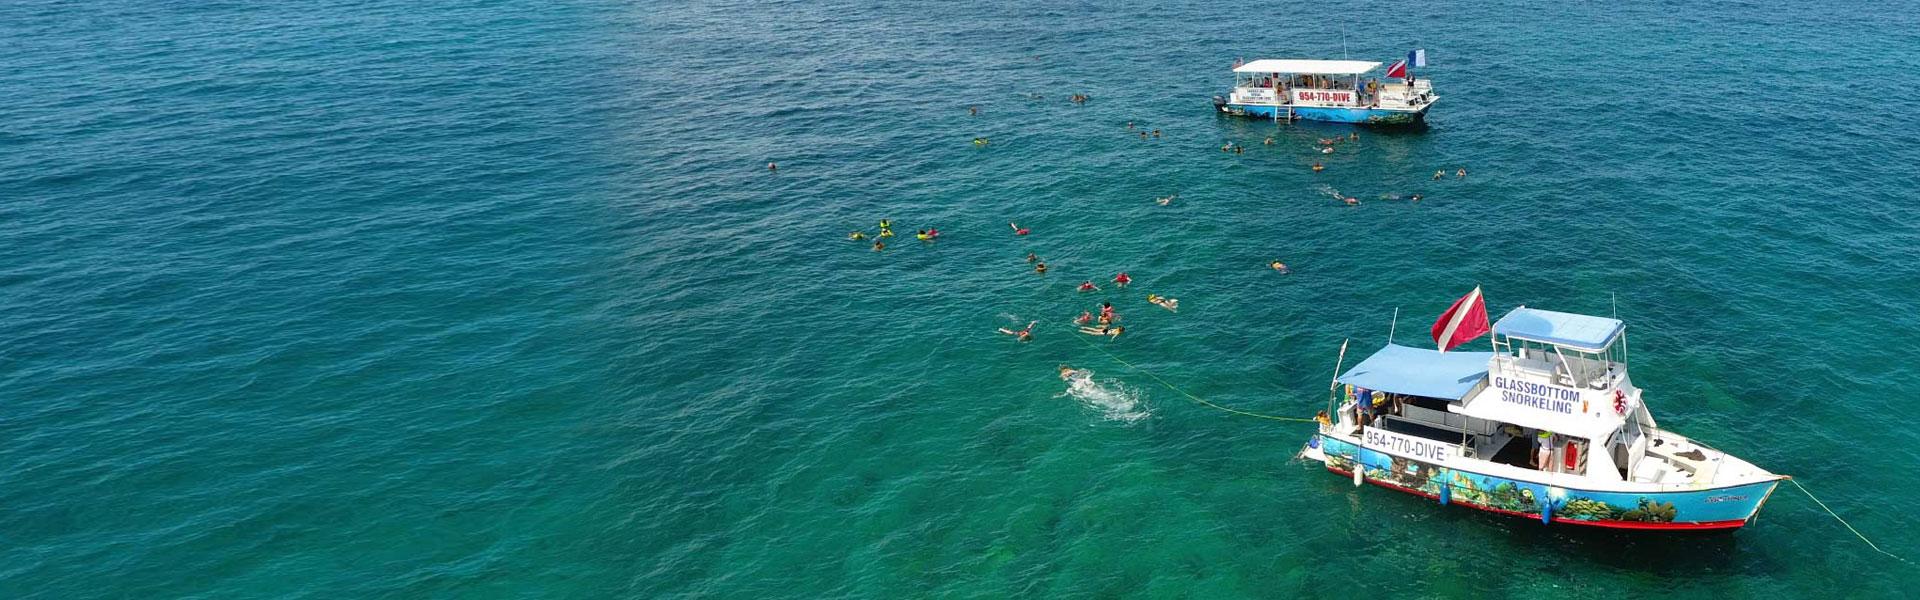 Dive Fort Lauderdale